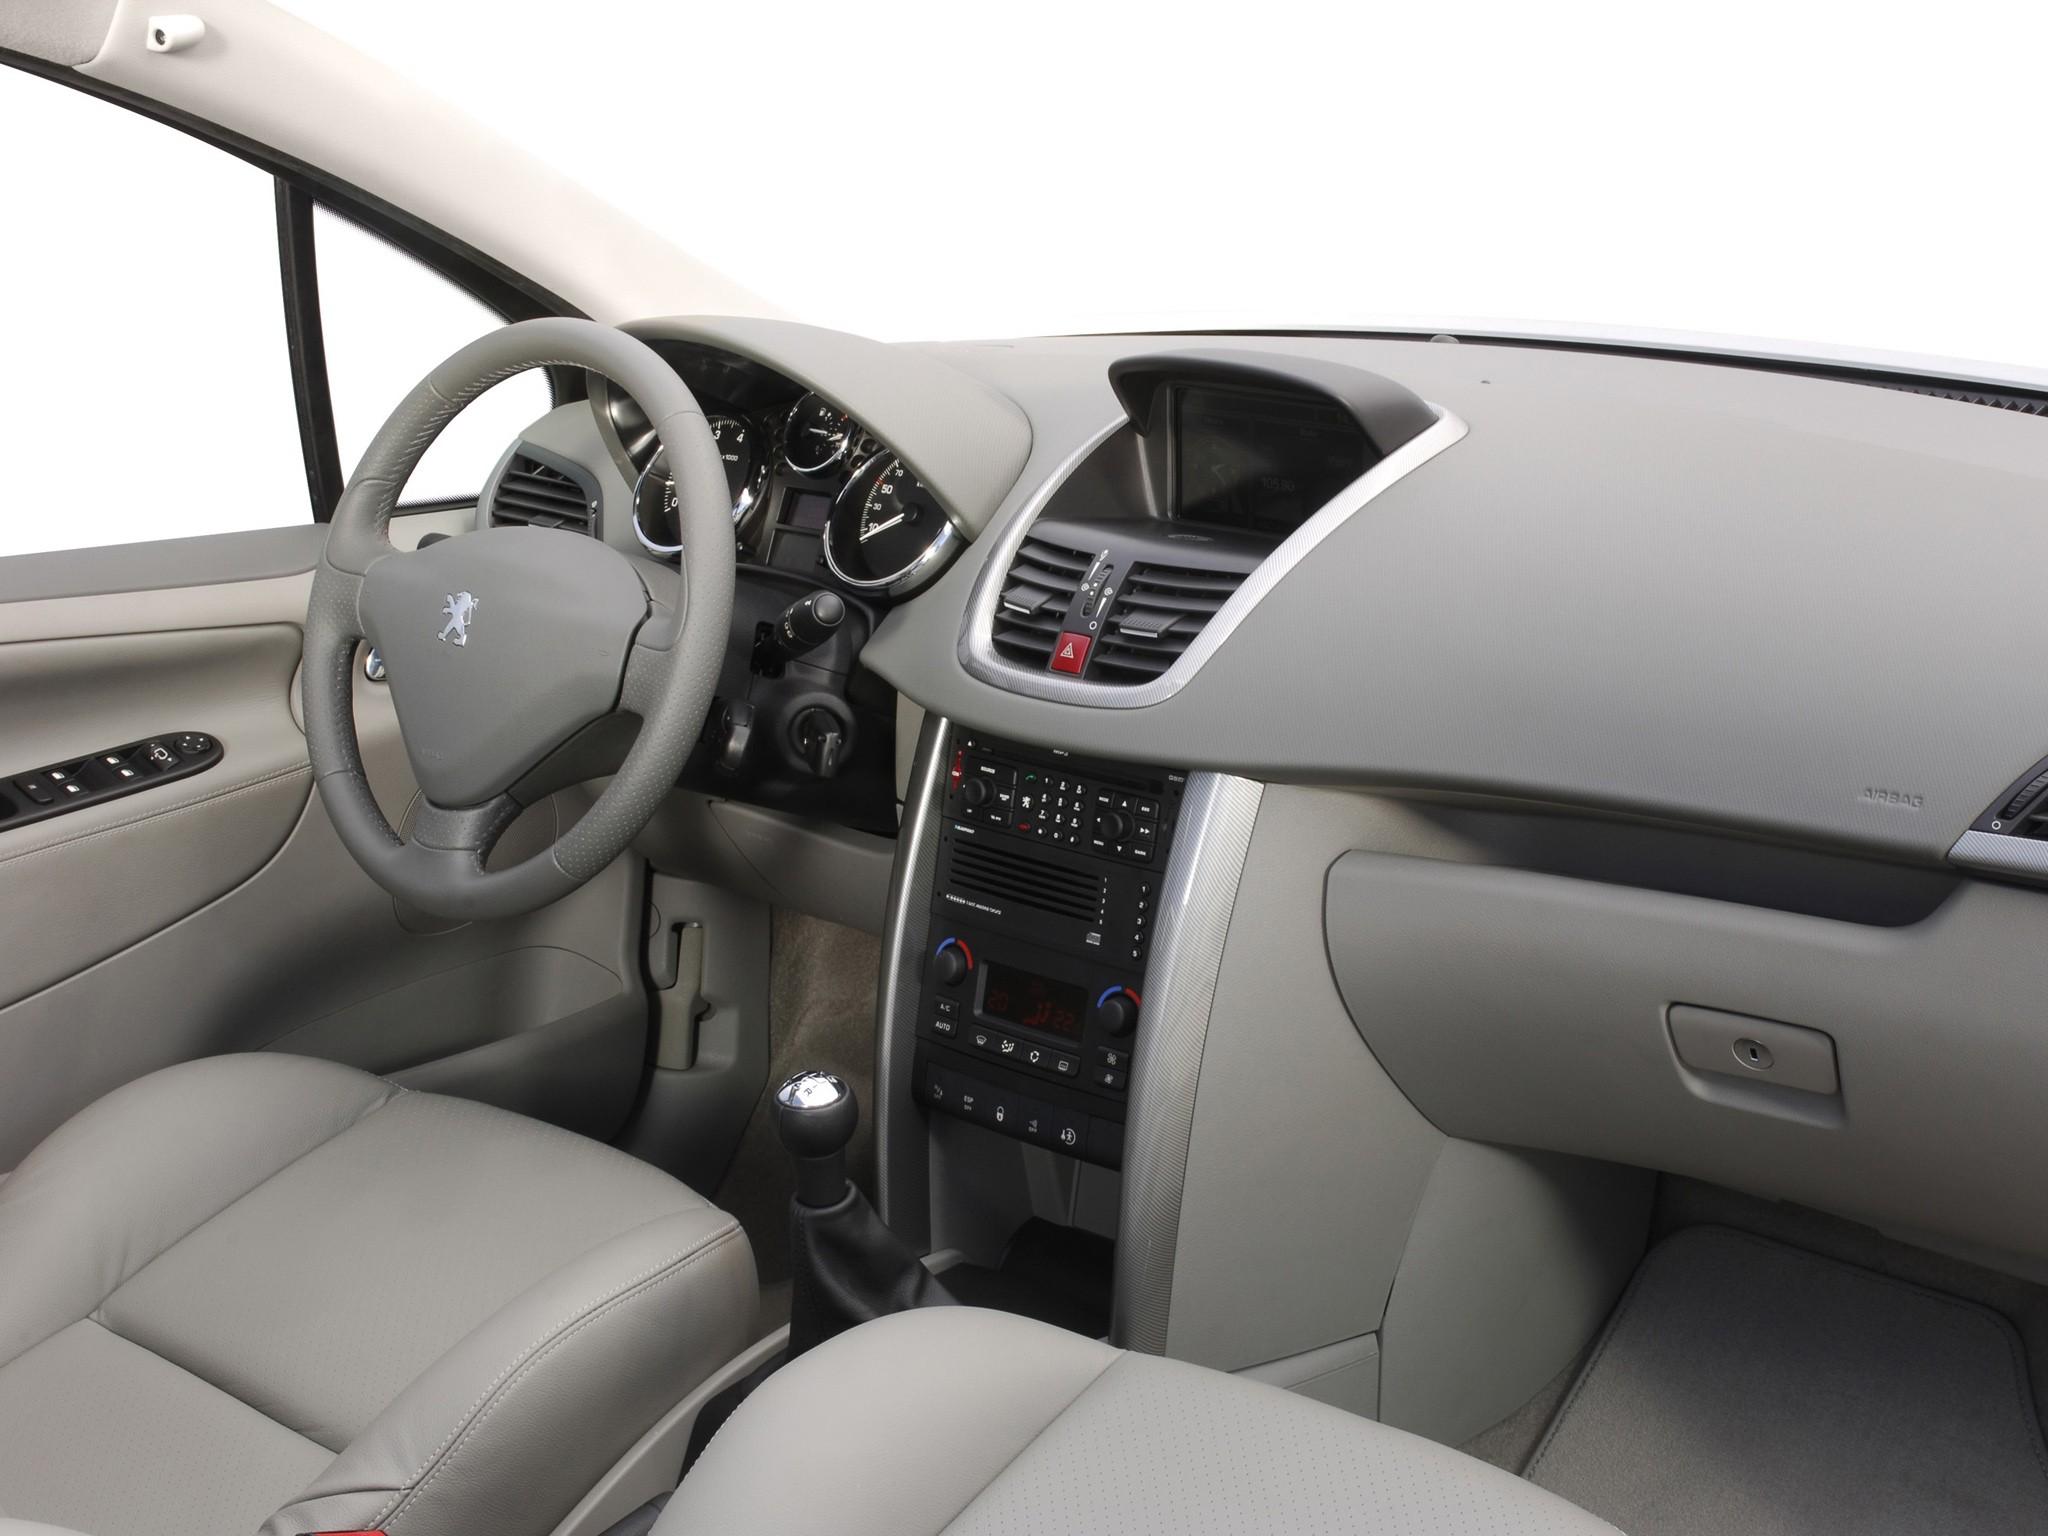 Peugeot 207 5 Doors Specs 2006 2007 2008 2009